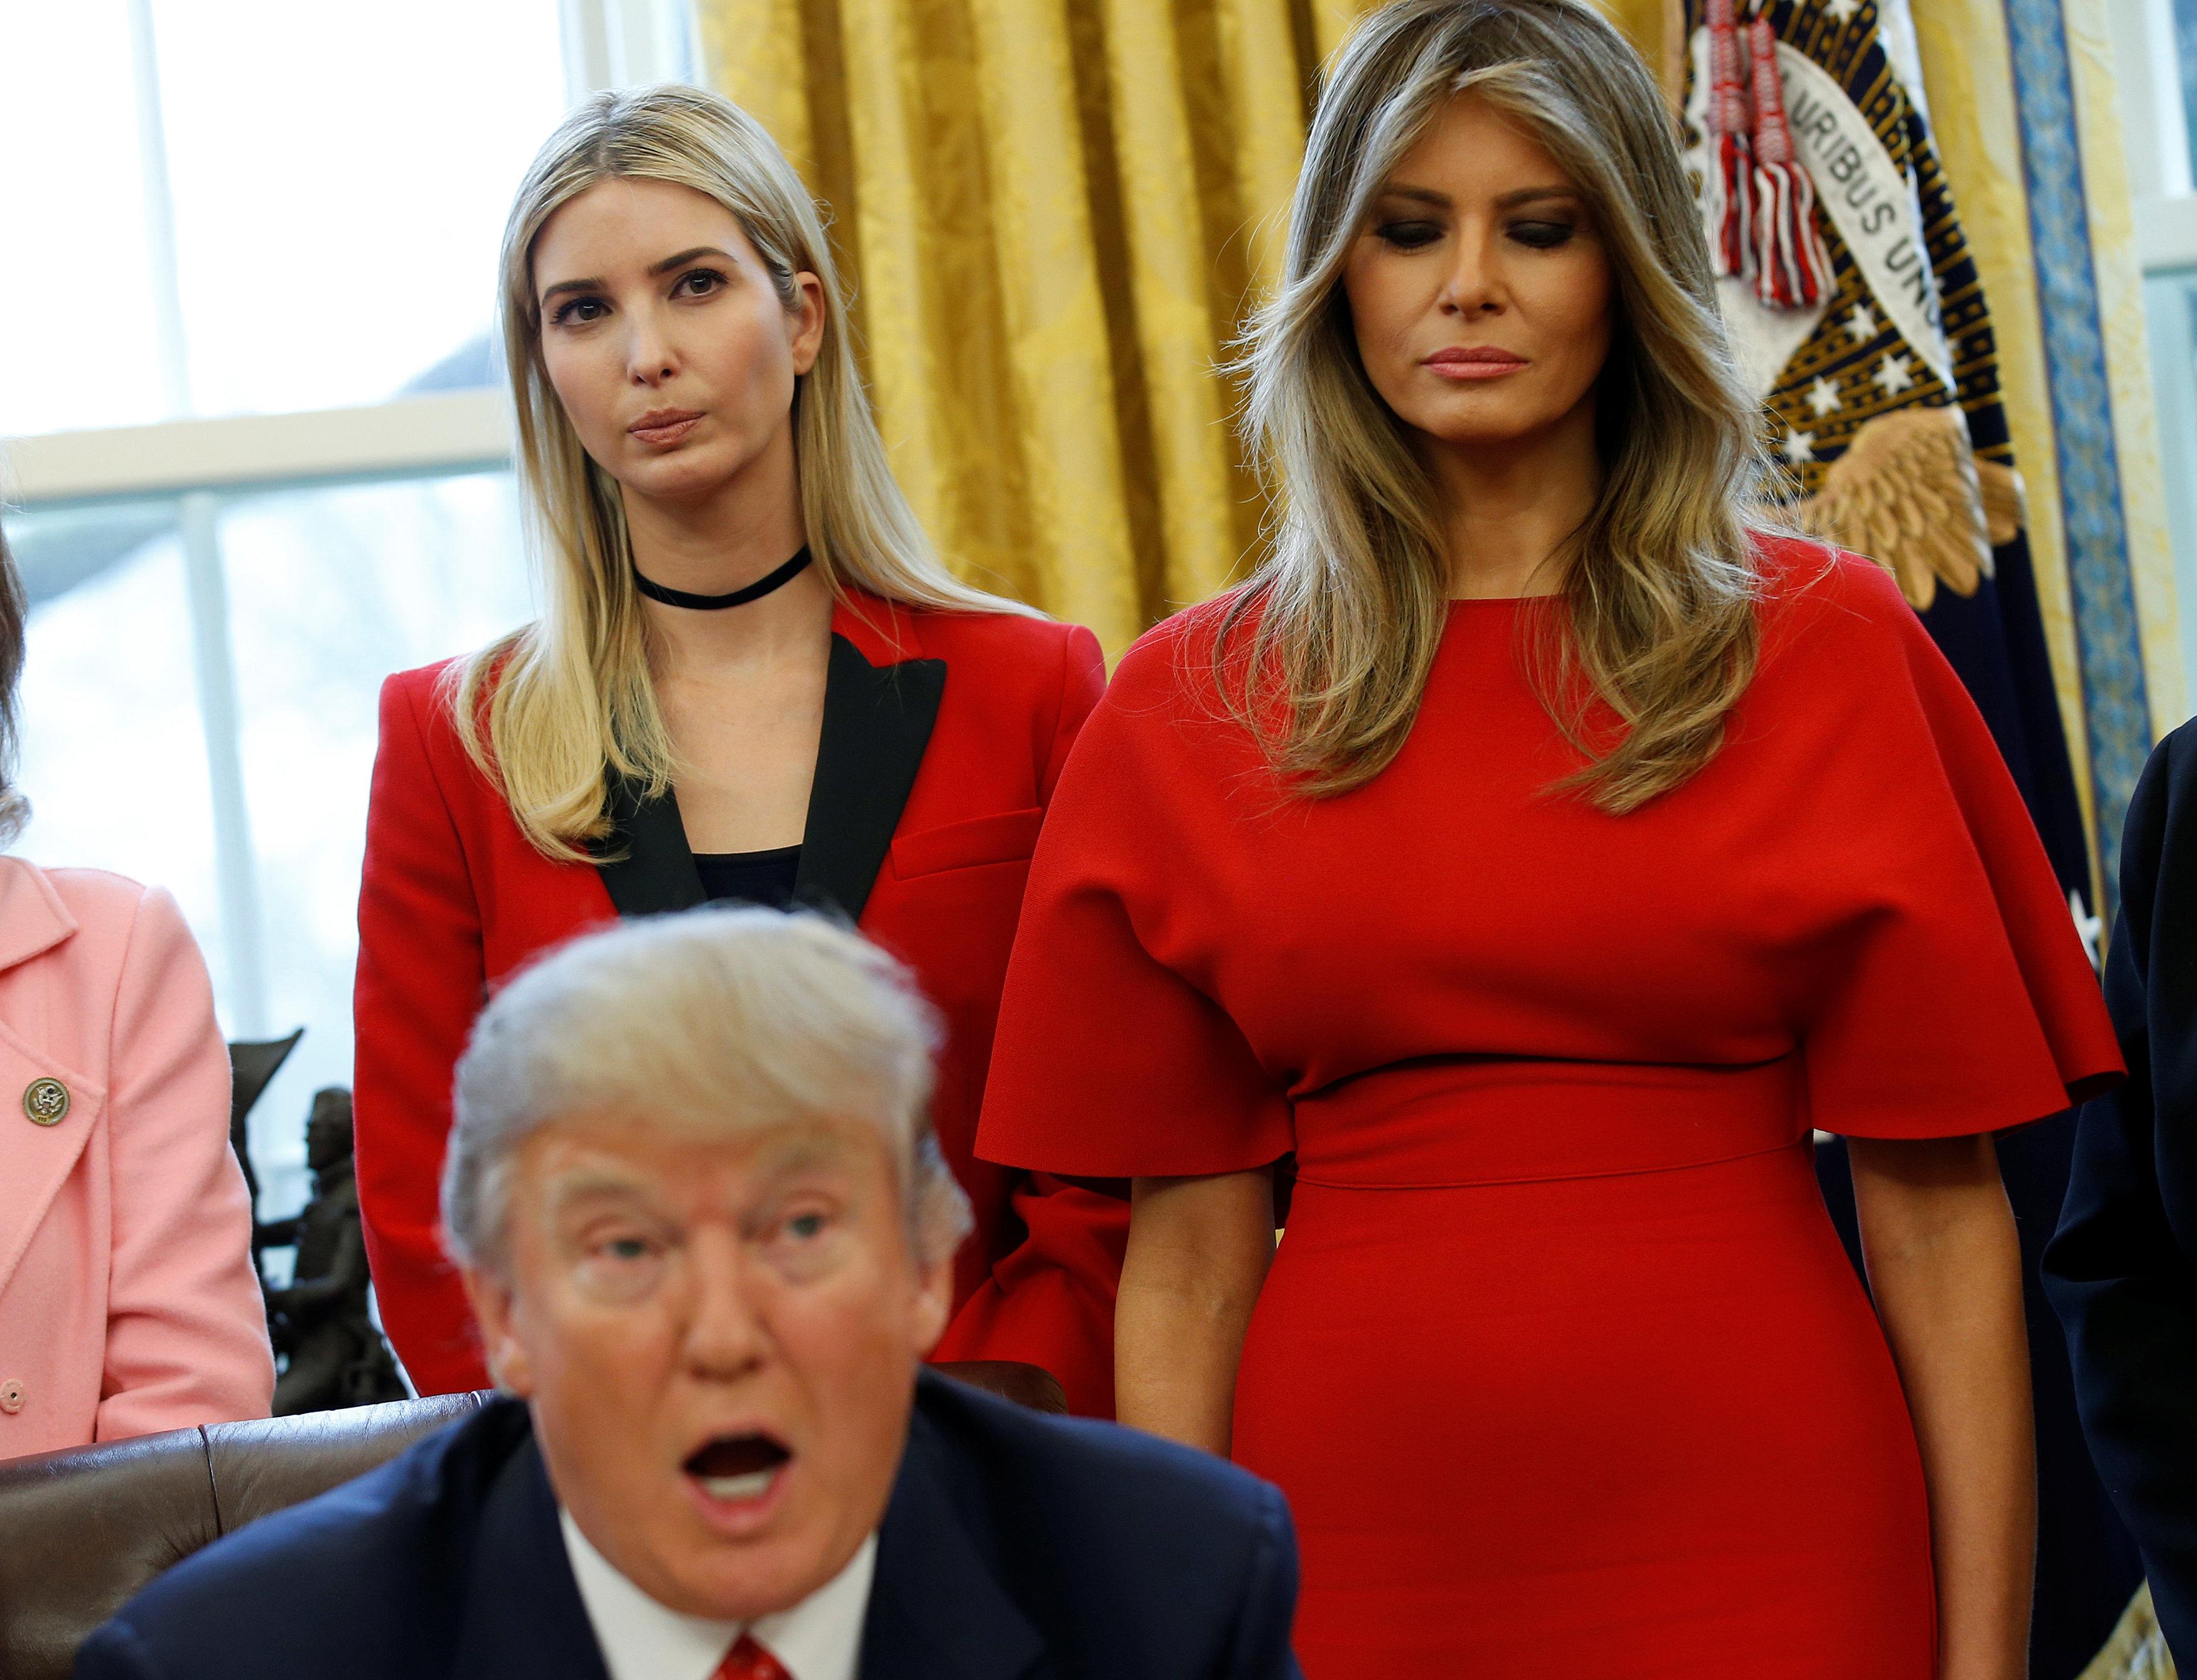 экспериментировать разными мелания и иванка трамп фото любом